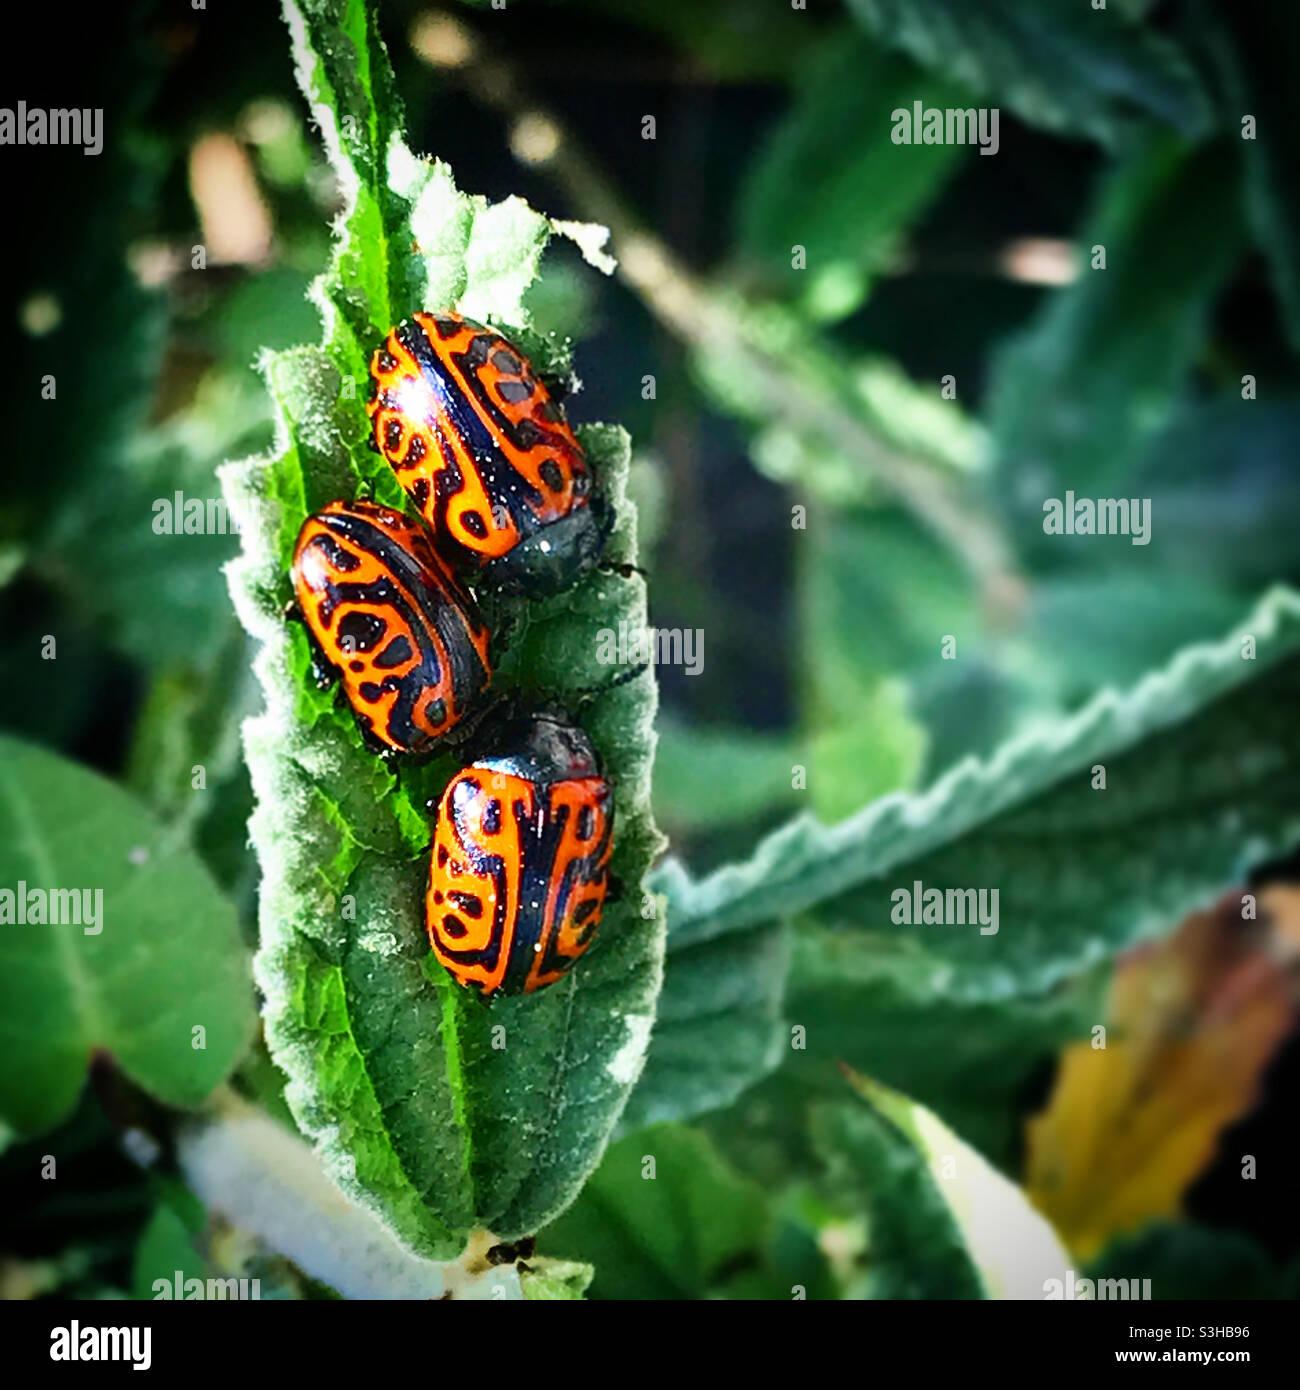 Drei Marienkäfer in einem grünen Blatt in einem Wald in Mexiko Stockfoto